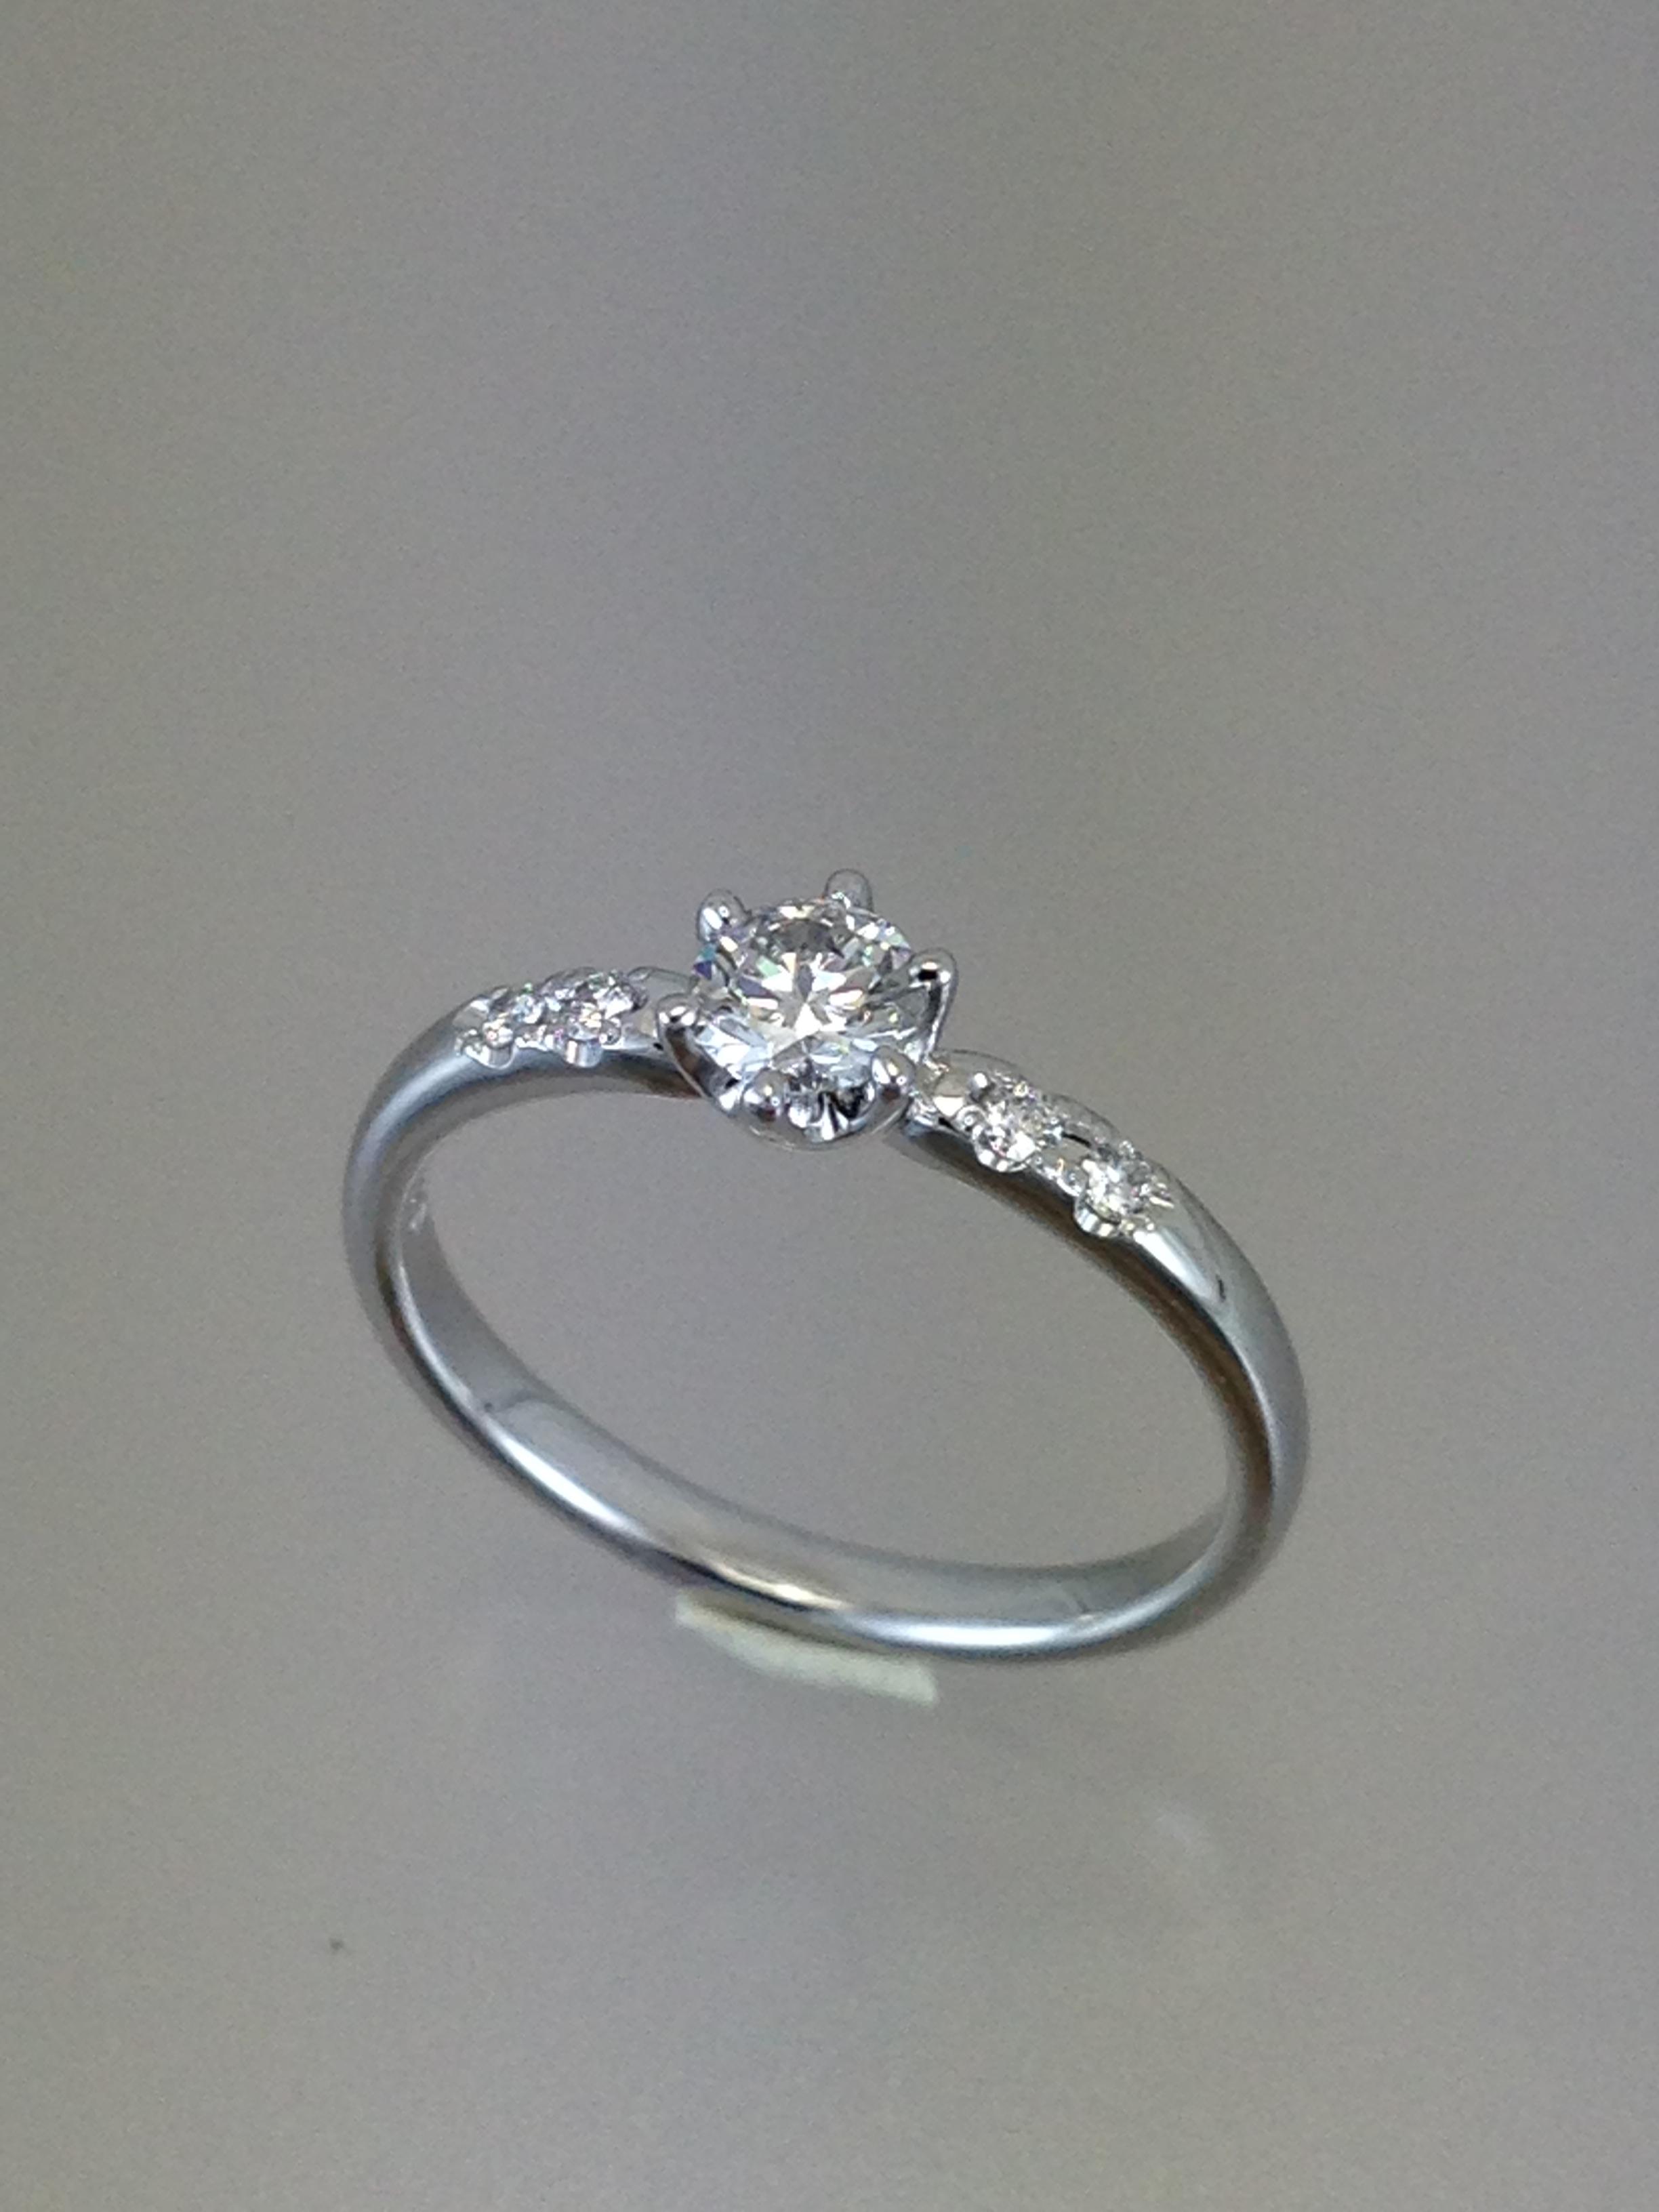 結婚指輪・婚約指輪 ご用命は Genteelブランドへ!